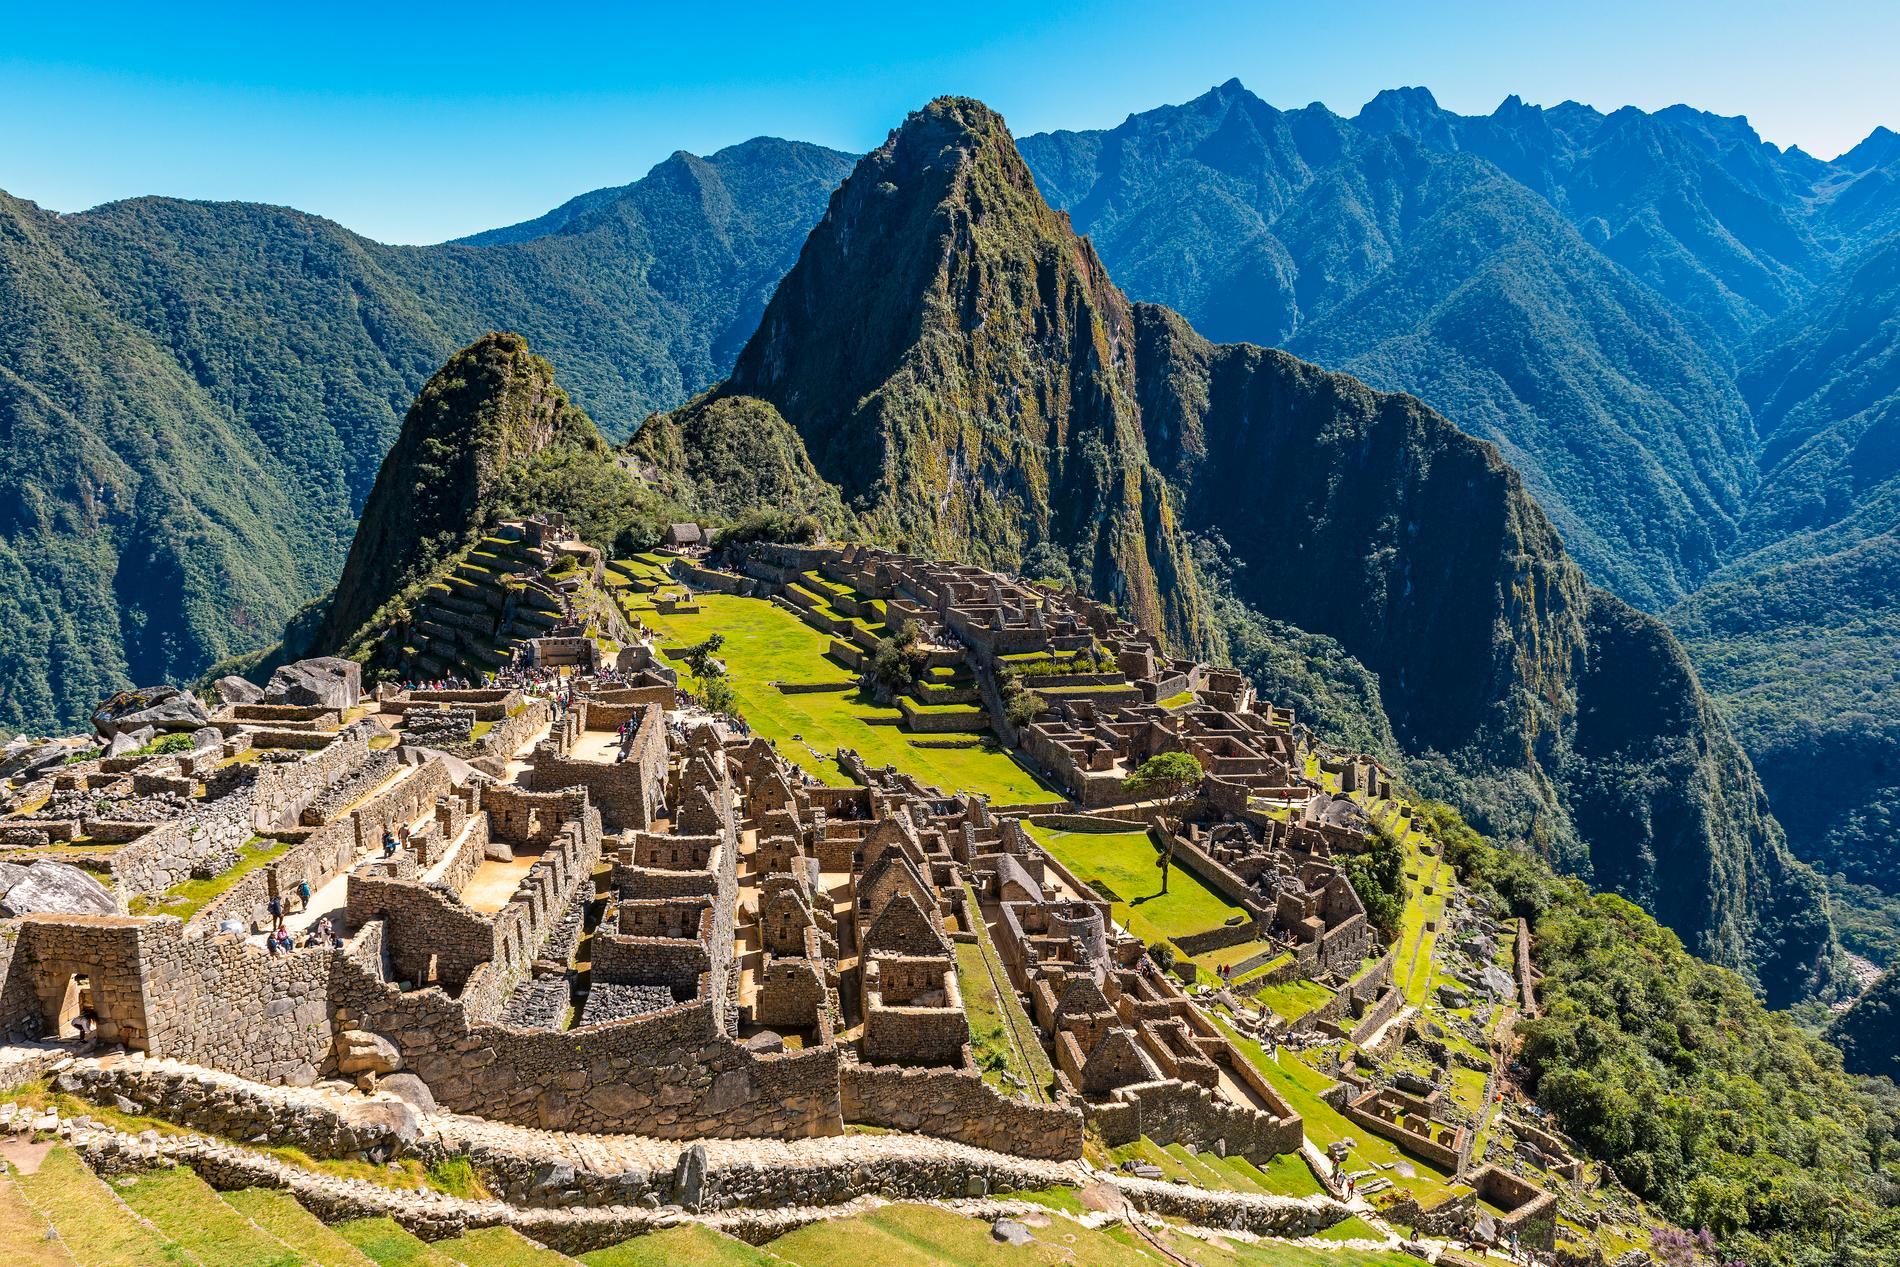 Det kräver lite styrka för att vandra till Machu Picchu, men kan vara värt det.